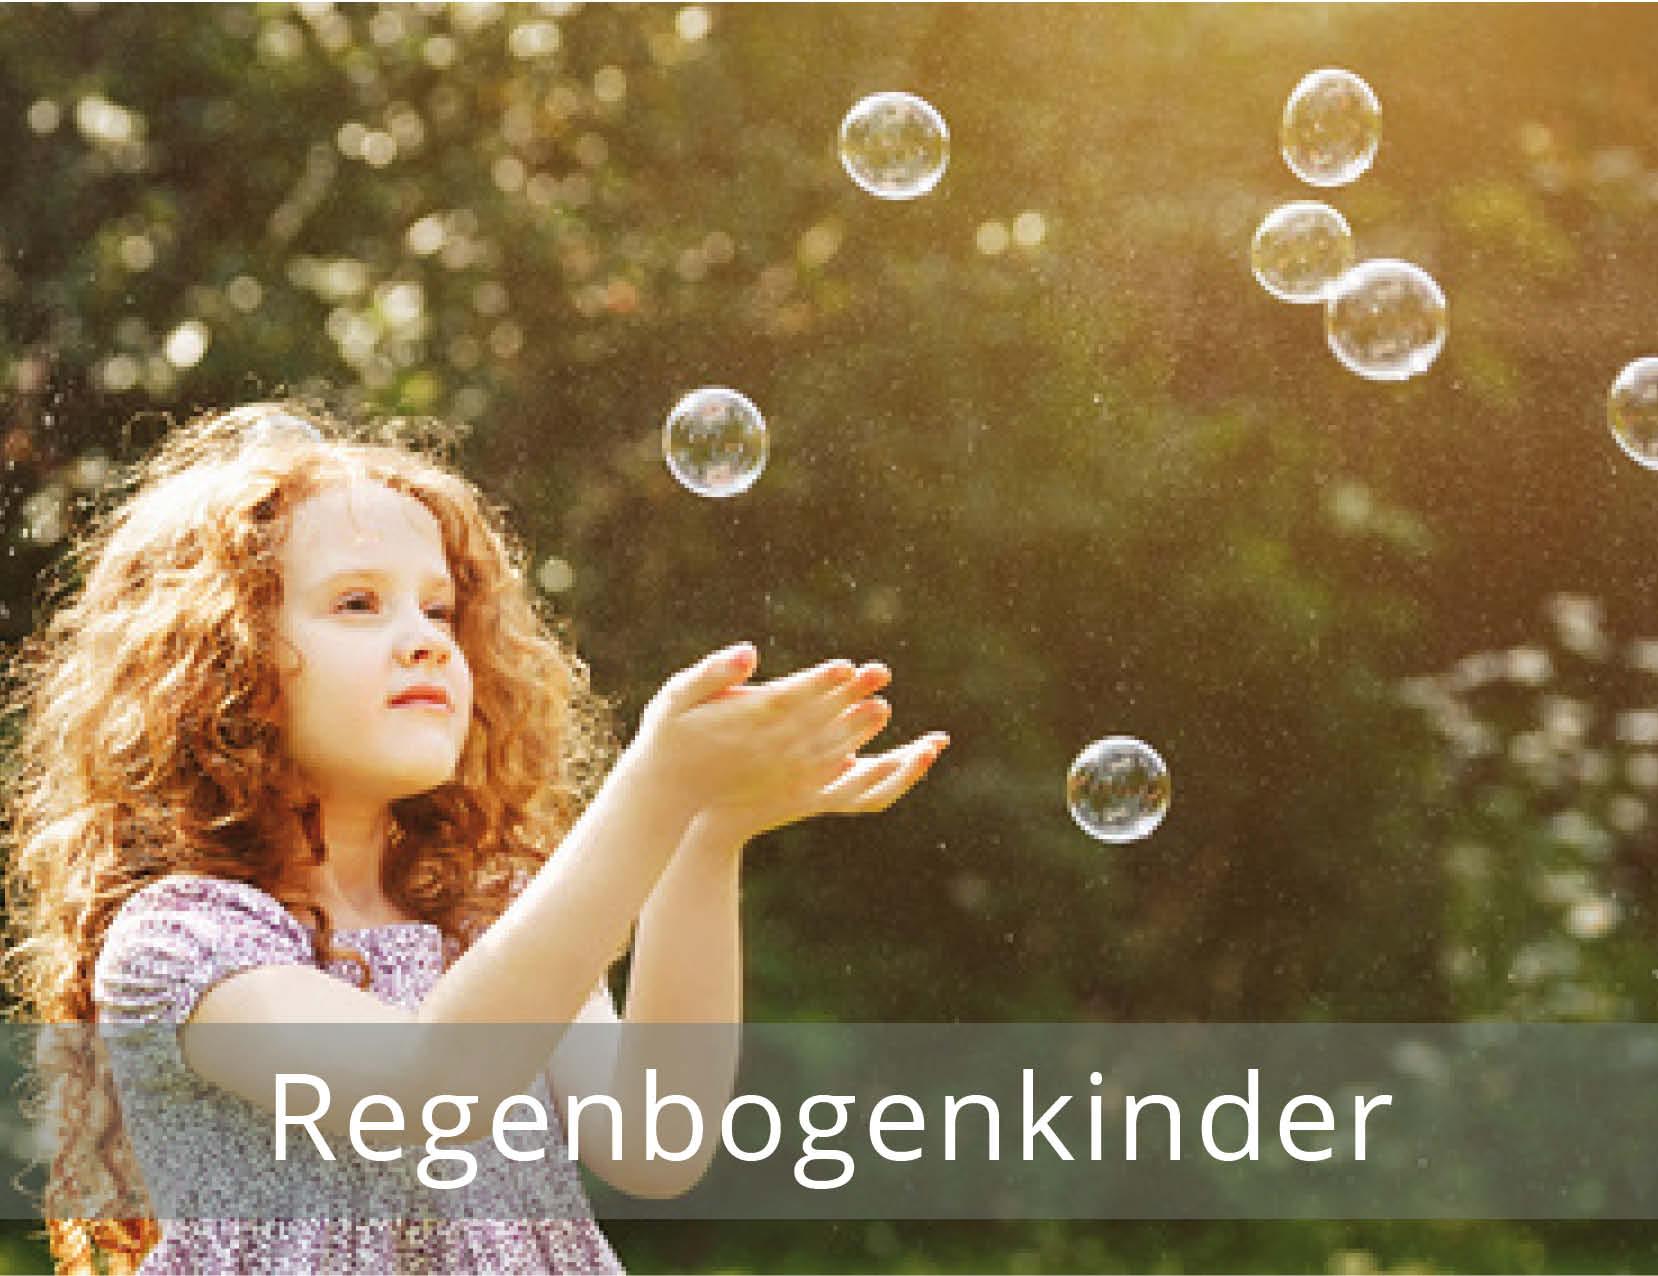 thetahealing-Regenbogenkinder